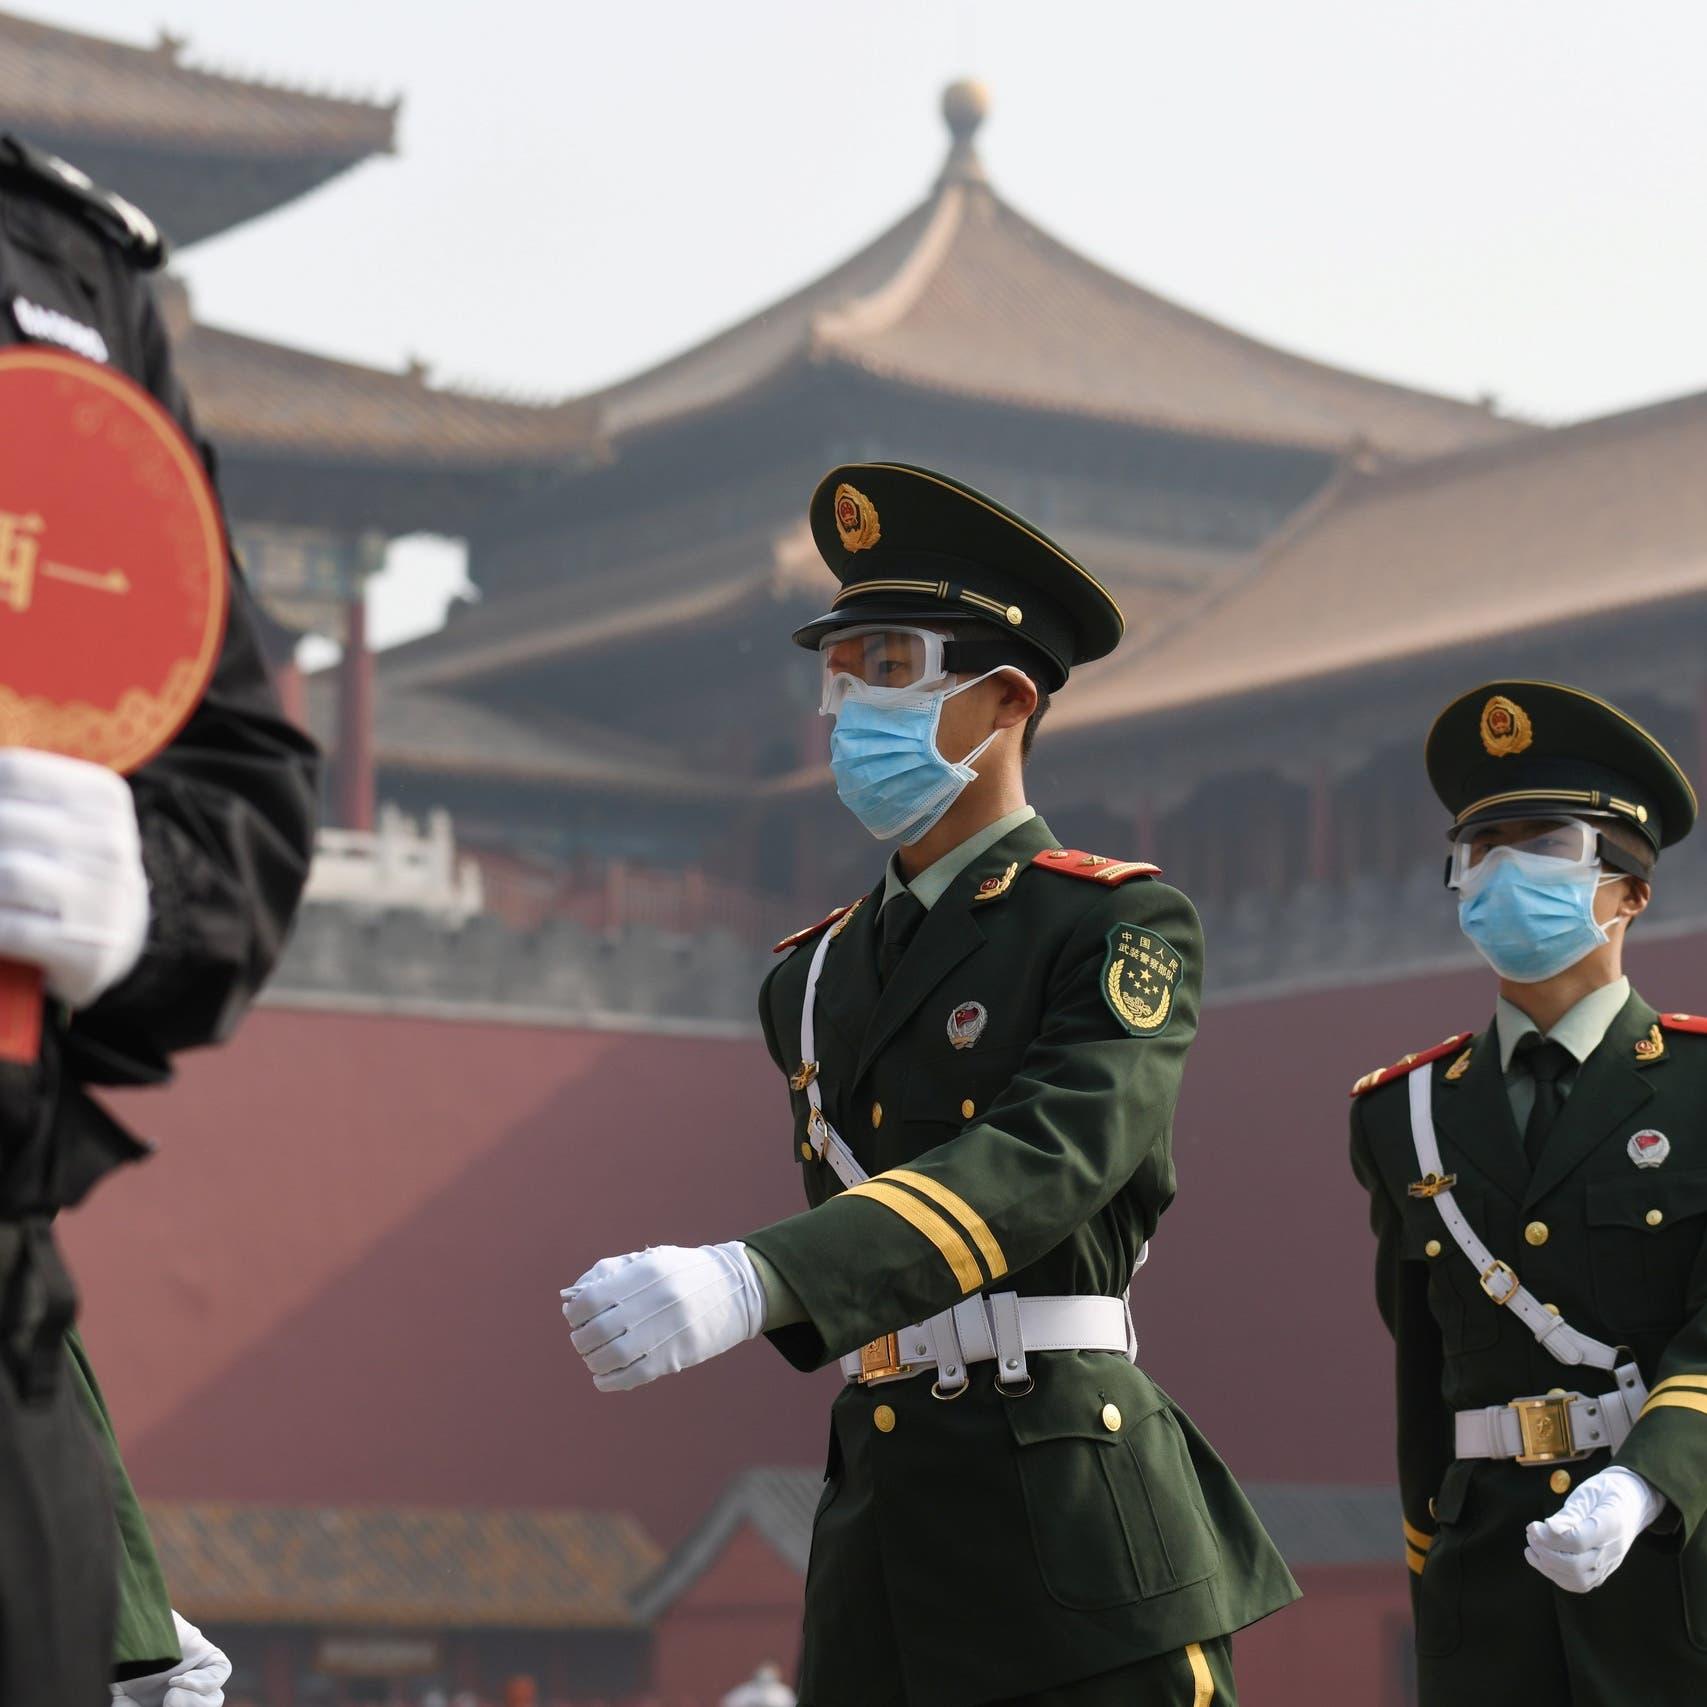 الحرب الباردة مستمرة.. الصين لأميركا